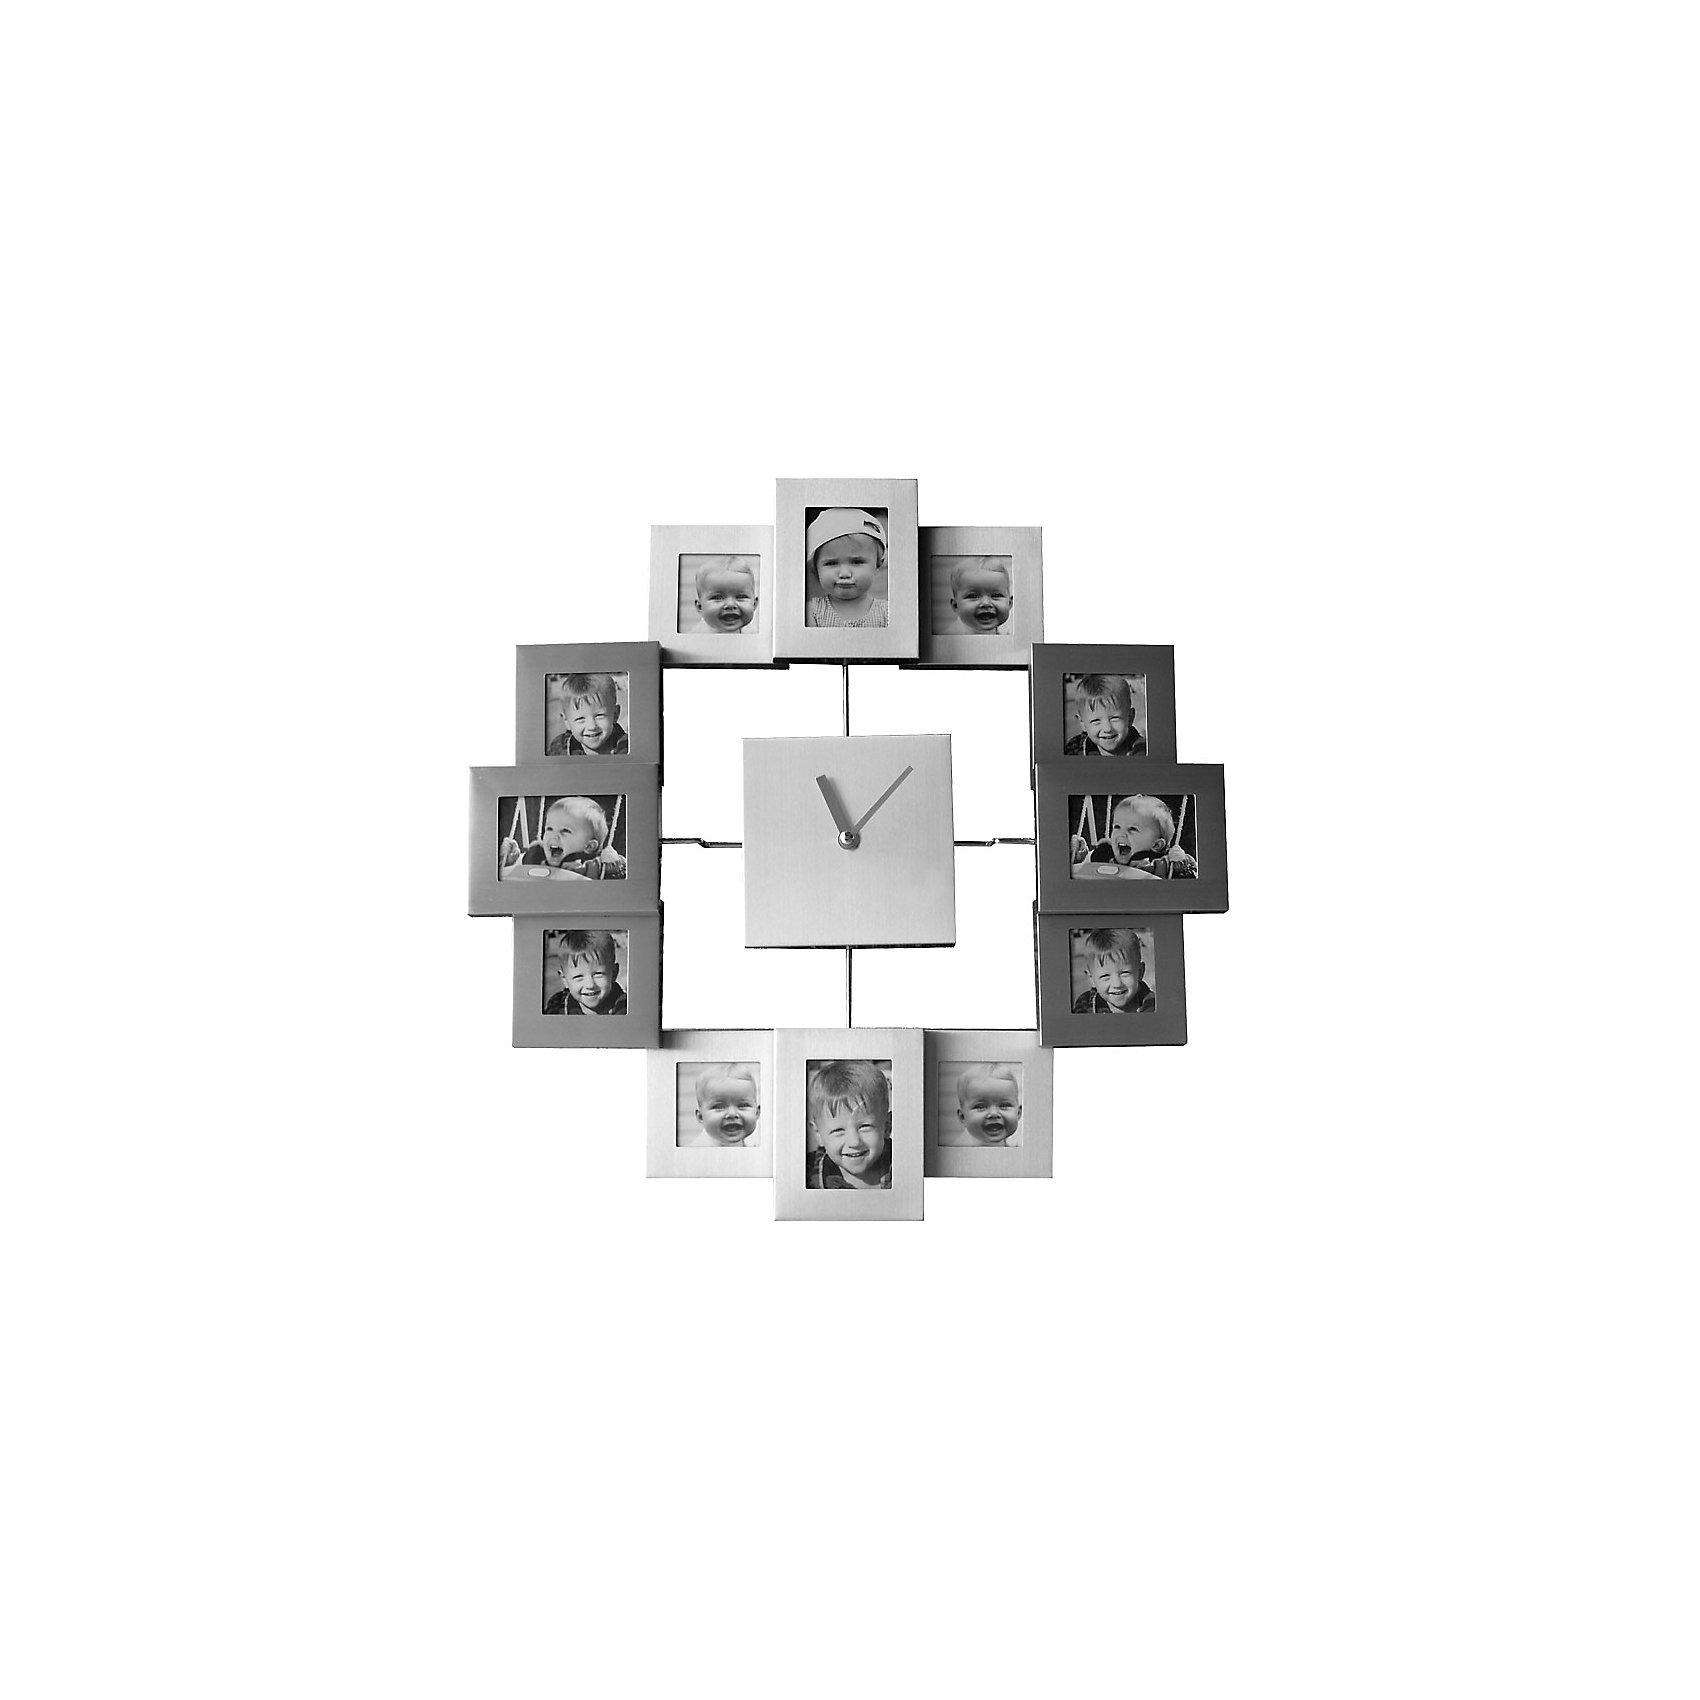 Фоторамка Platinum с часами, Яркий праздникПредметы интерьера<br>Фоторамка Platinum с часами, Яркий праздник<br><br>Характеристики:<br><br>• Состав: металл<br>• Размер: 36 * 36 см.<br>• Элементы питания: батарейки<br>• Страна производитель: Китай<br><br>Изящные часы сразу с двенадцатью фоторамками от компании, специализирующейся на производстве фоторамок для интерьеров Platinum (Платинум), оживят сразу несколько воспоминаний! Подвесные часы станут стильным украшением комнаты и помогут всегда быть вовремя. Лаконичный серебряный цвет отлично подойдет как для спальни, так и для кухни или гостиной. <br><br>Две минималистичные стрелки отлично подходят к рамкам и часам. В наборе фоторамок восемь одинаковых квадратных рамочек и четыре прямоугольные – две горизонтальные и две вертикальные, созданные специально для каждого вашего любимого кадра. Привнесите в свой дом атмосферу комфорта и яркого праздника вместе с новой фоторамкой!<br><br>Фоторамку Platinum с часами, Яркий праздник можно купить в нашем интернет-магазине.<br><br>Ширина мм: 360<br>Глубина мм: 48<br>Высота мм: 360<br>Вес г: 420<br>Возраст от месяцев: 36<br>Возраст до месяцев: 2147483647<br>Пол: Унисекс<br>Возраст: Детский<br>SKU: 5453960